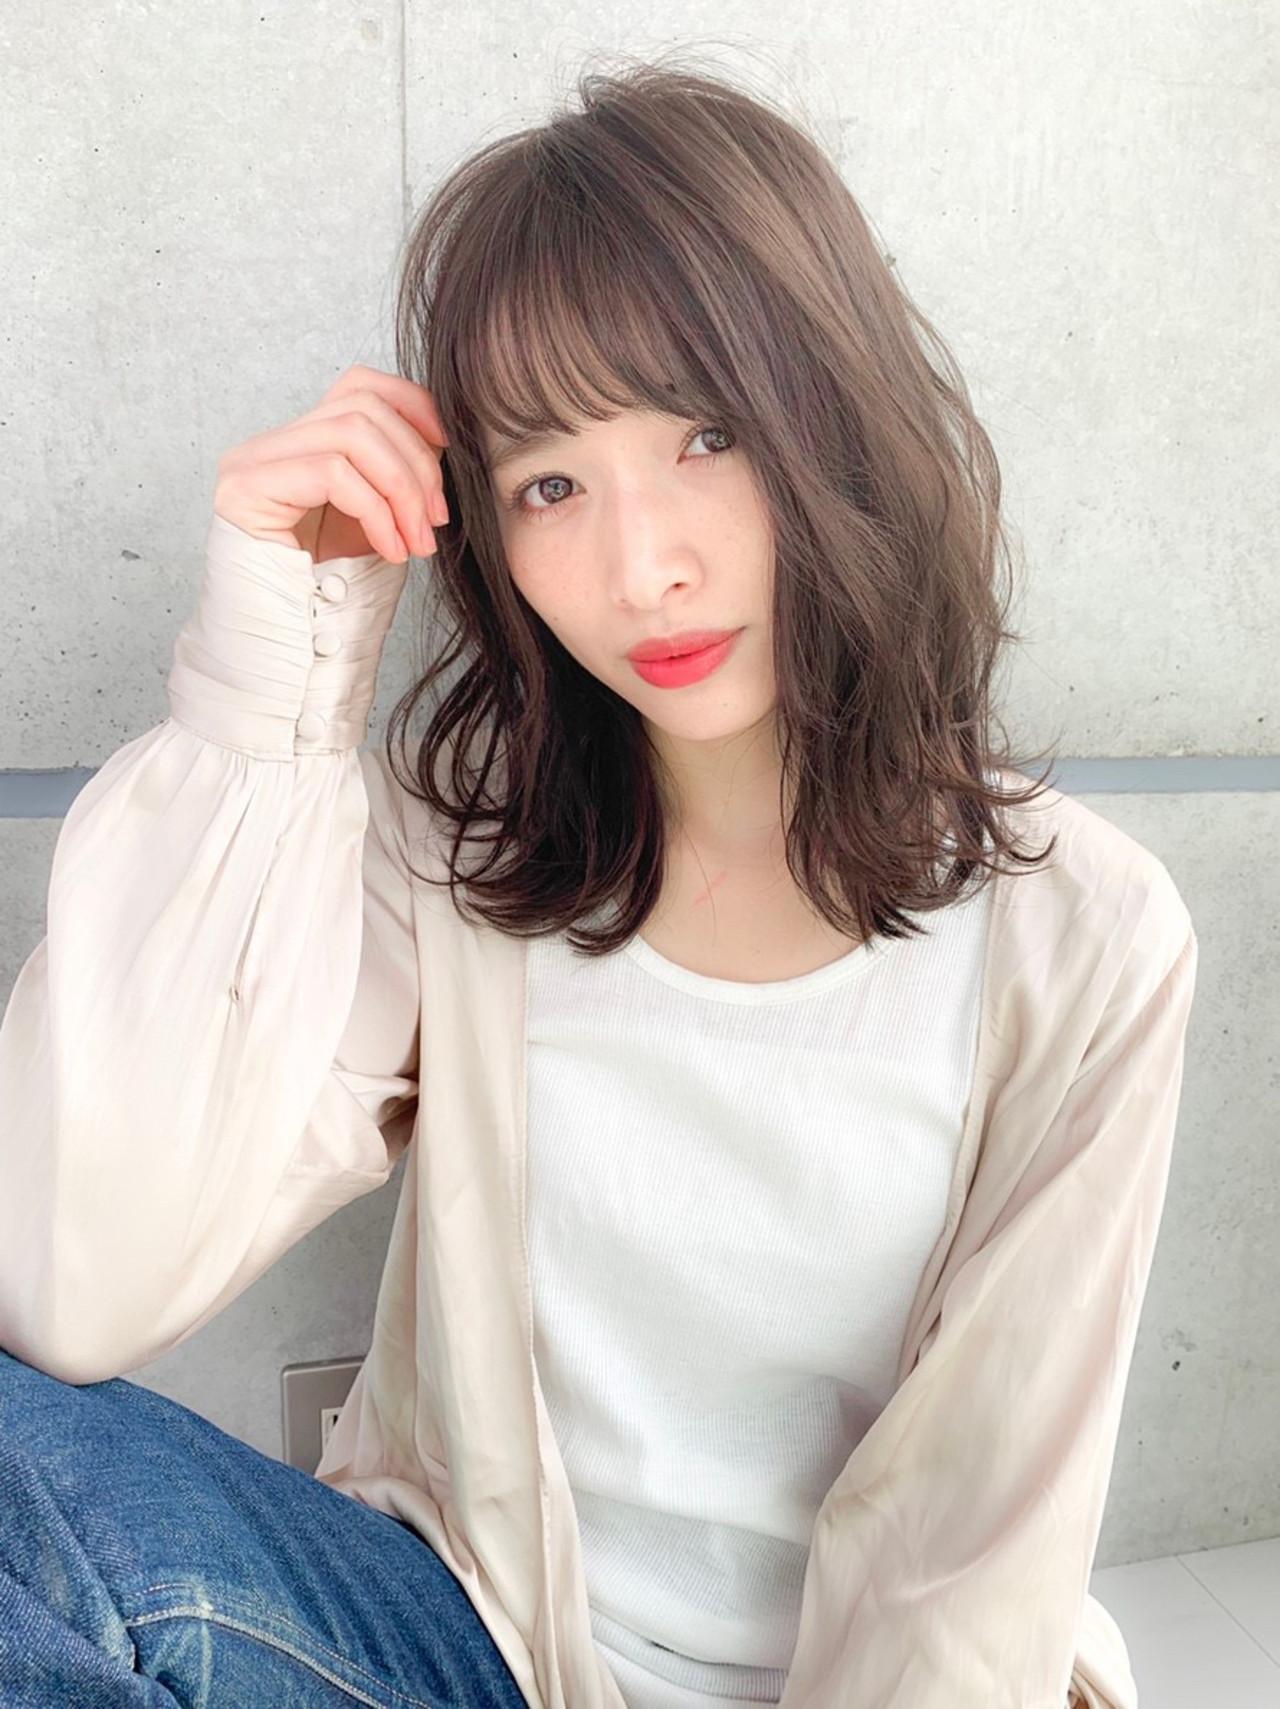 ヘアアレンジ くびれカール ナチュラル ミディアム ヘアスタイルや髪型の写真・画像 | 小峰孝太/ JUICE店長 /  JUICE